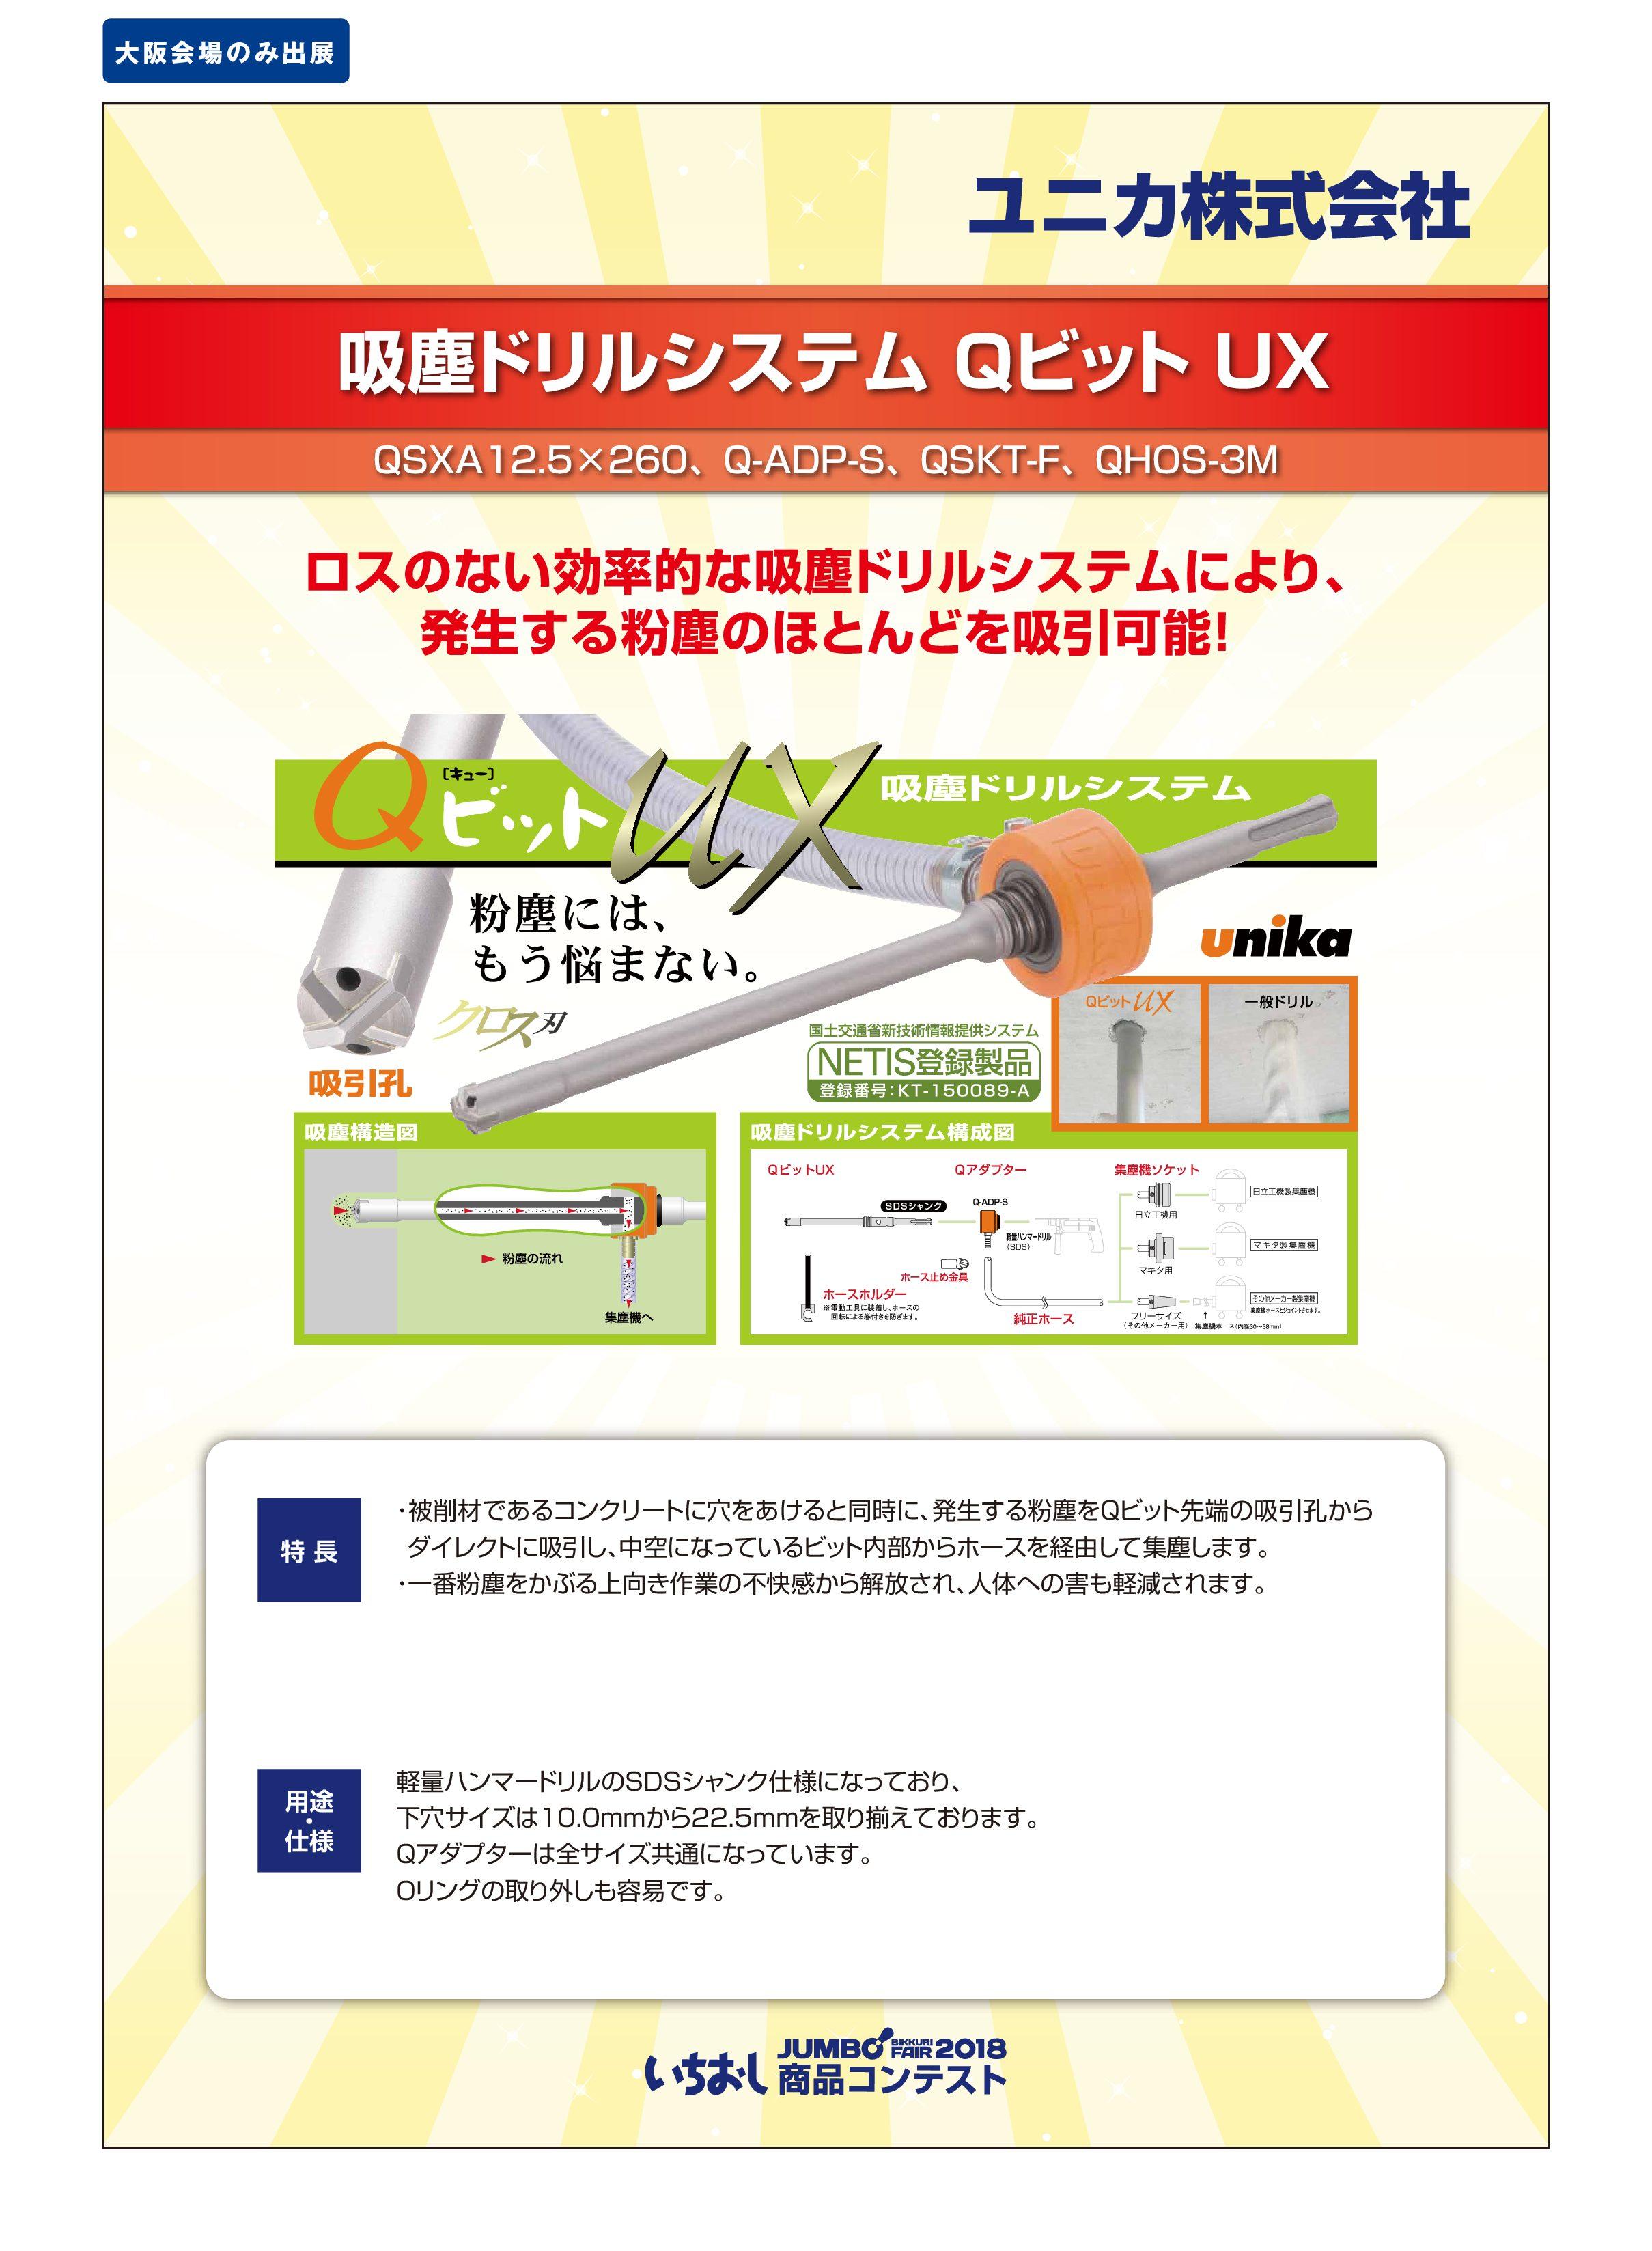 「吸塵ドリルシステム Qビット UX」ユニカ株式会社の画像